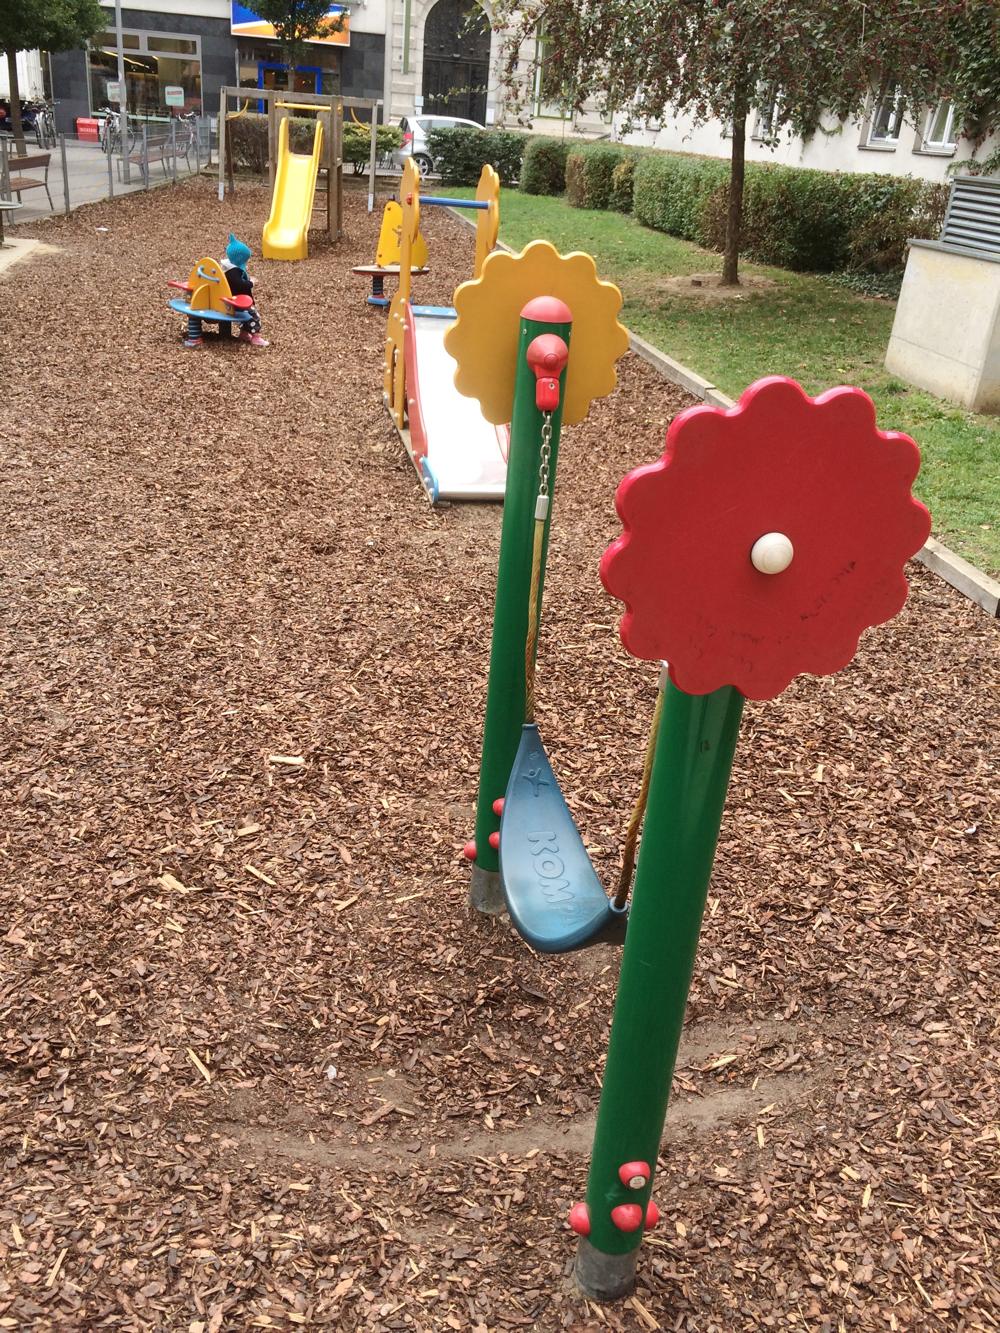 spielplatz-dorothea-neff-park-die kleine botin-1